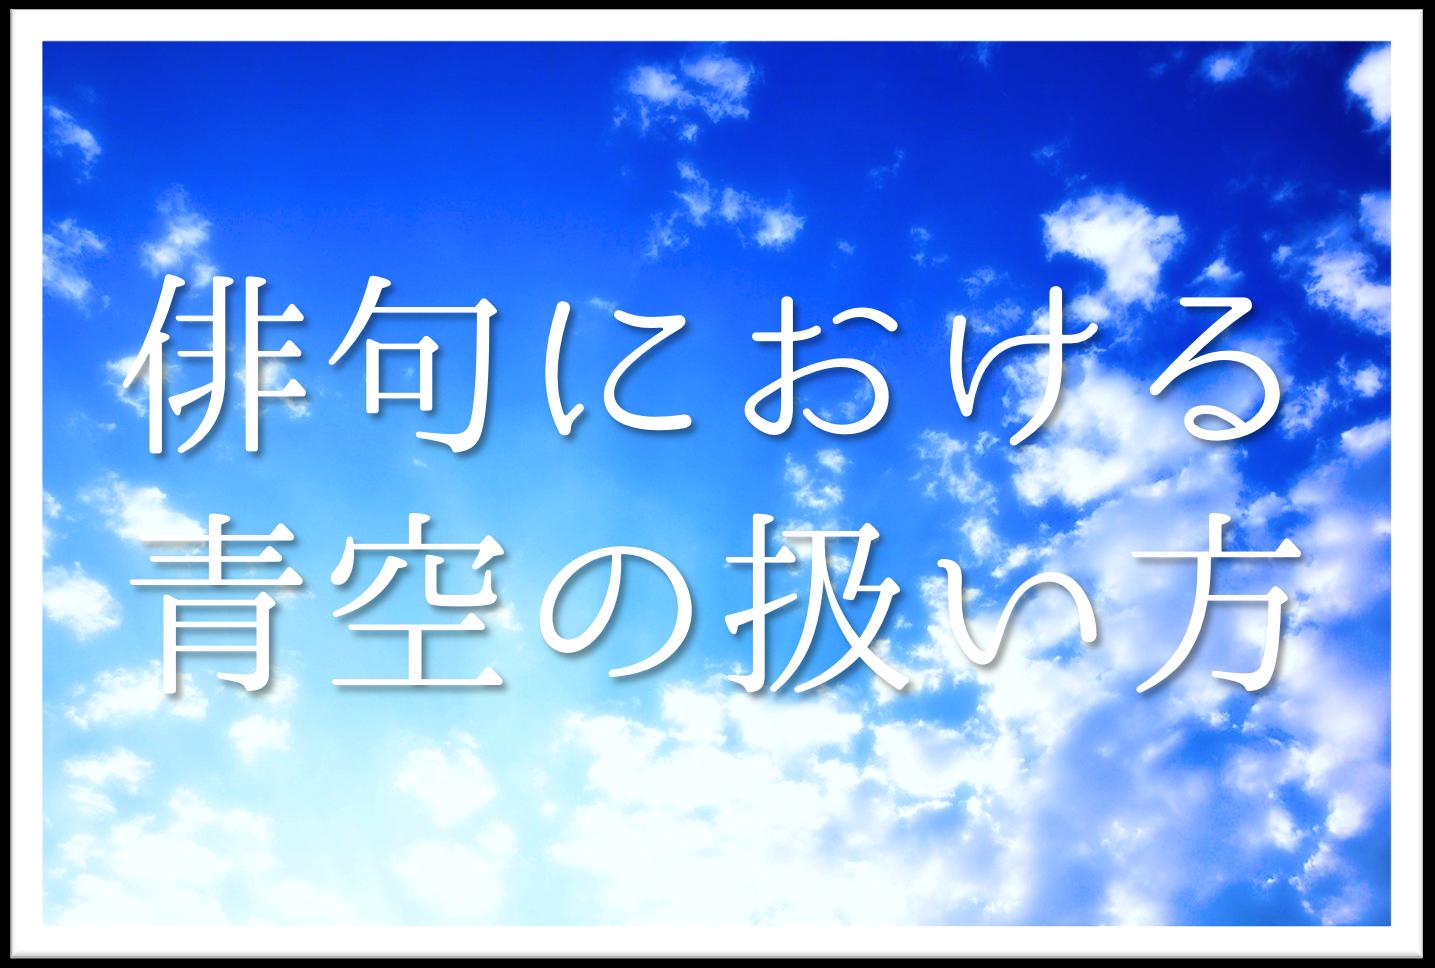 【青空は季語ではない!】季語を使って青空を表現する方法とは?簡単にわかりやすく解説!!